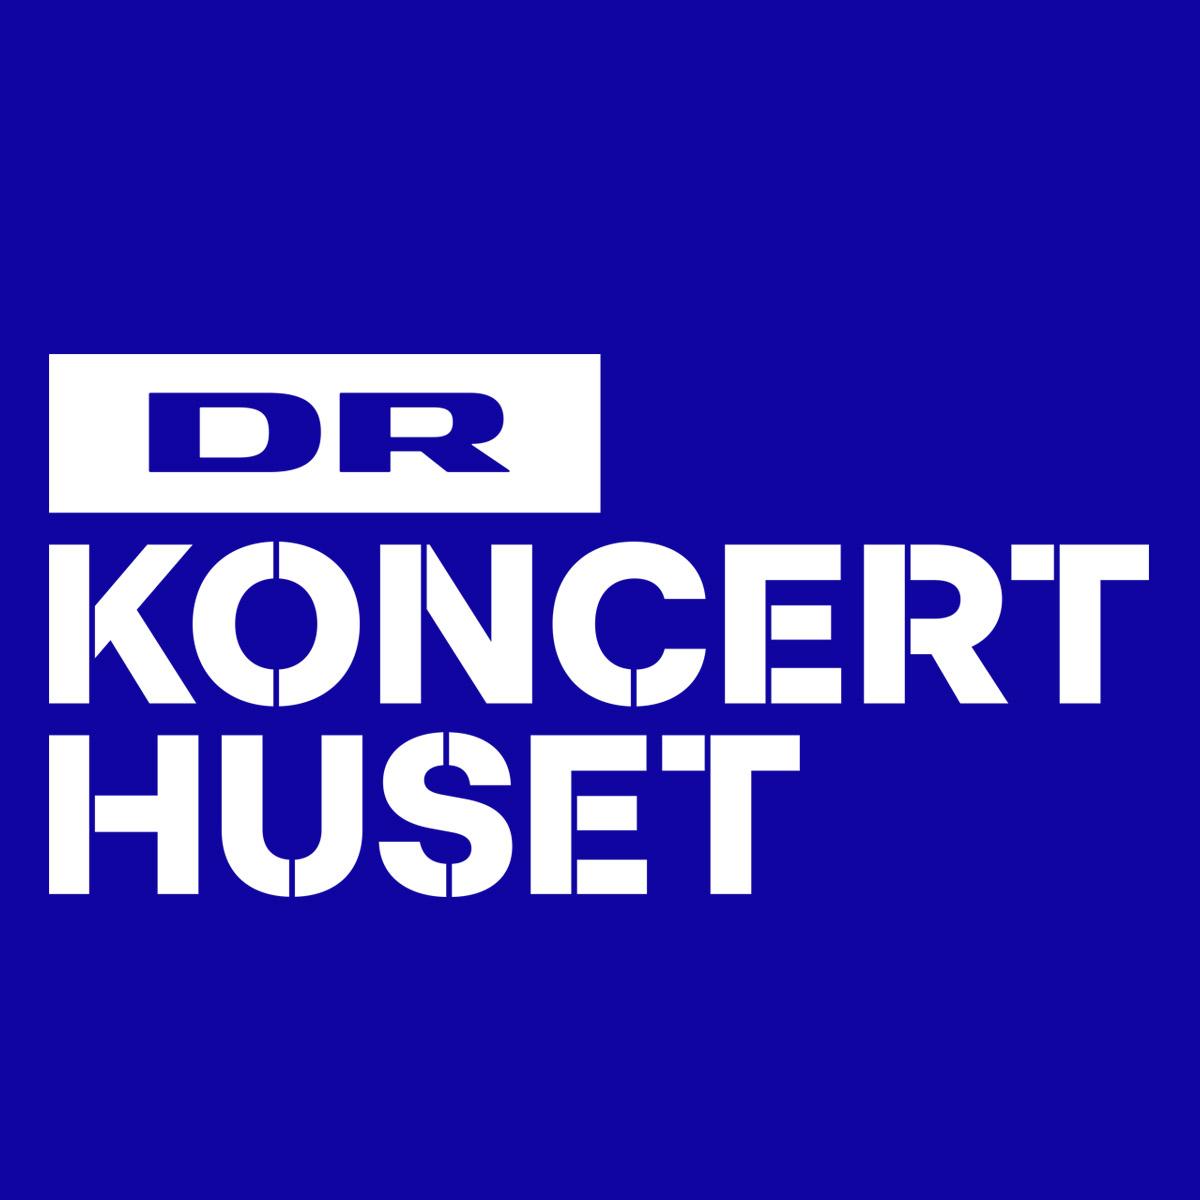 DR Koncerthuset, Koncertsalen